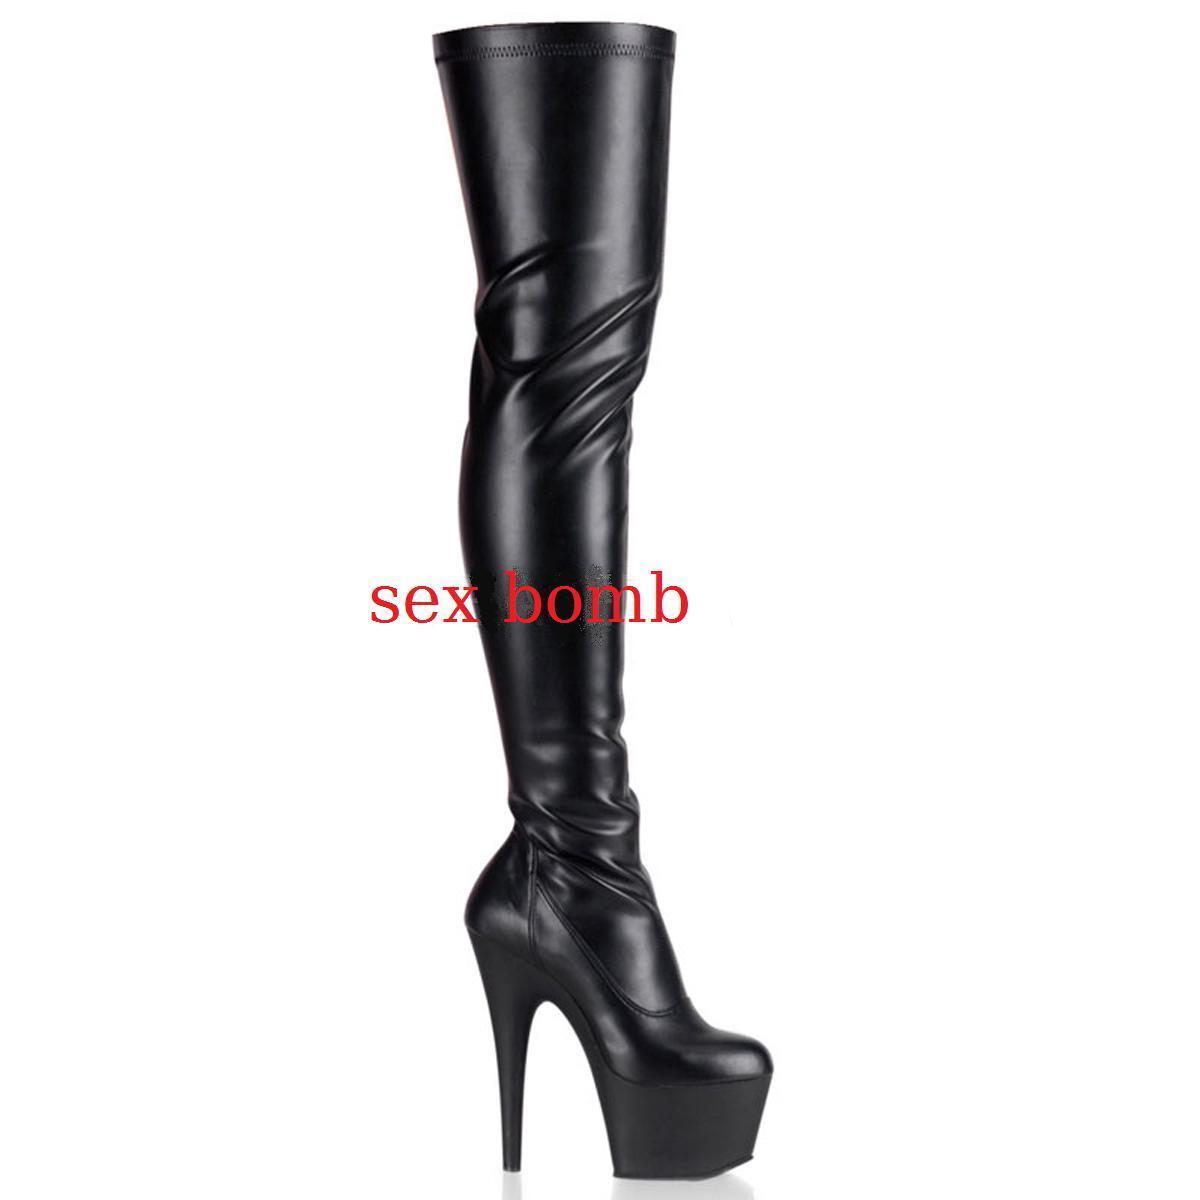 SEXY stivali COSCIA tacco 18 18 18 18 tacco NERO OPACO dal